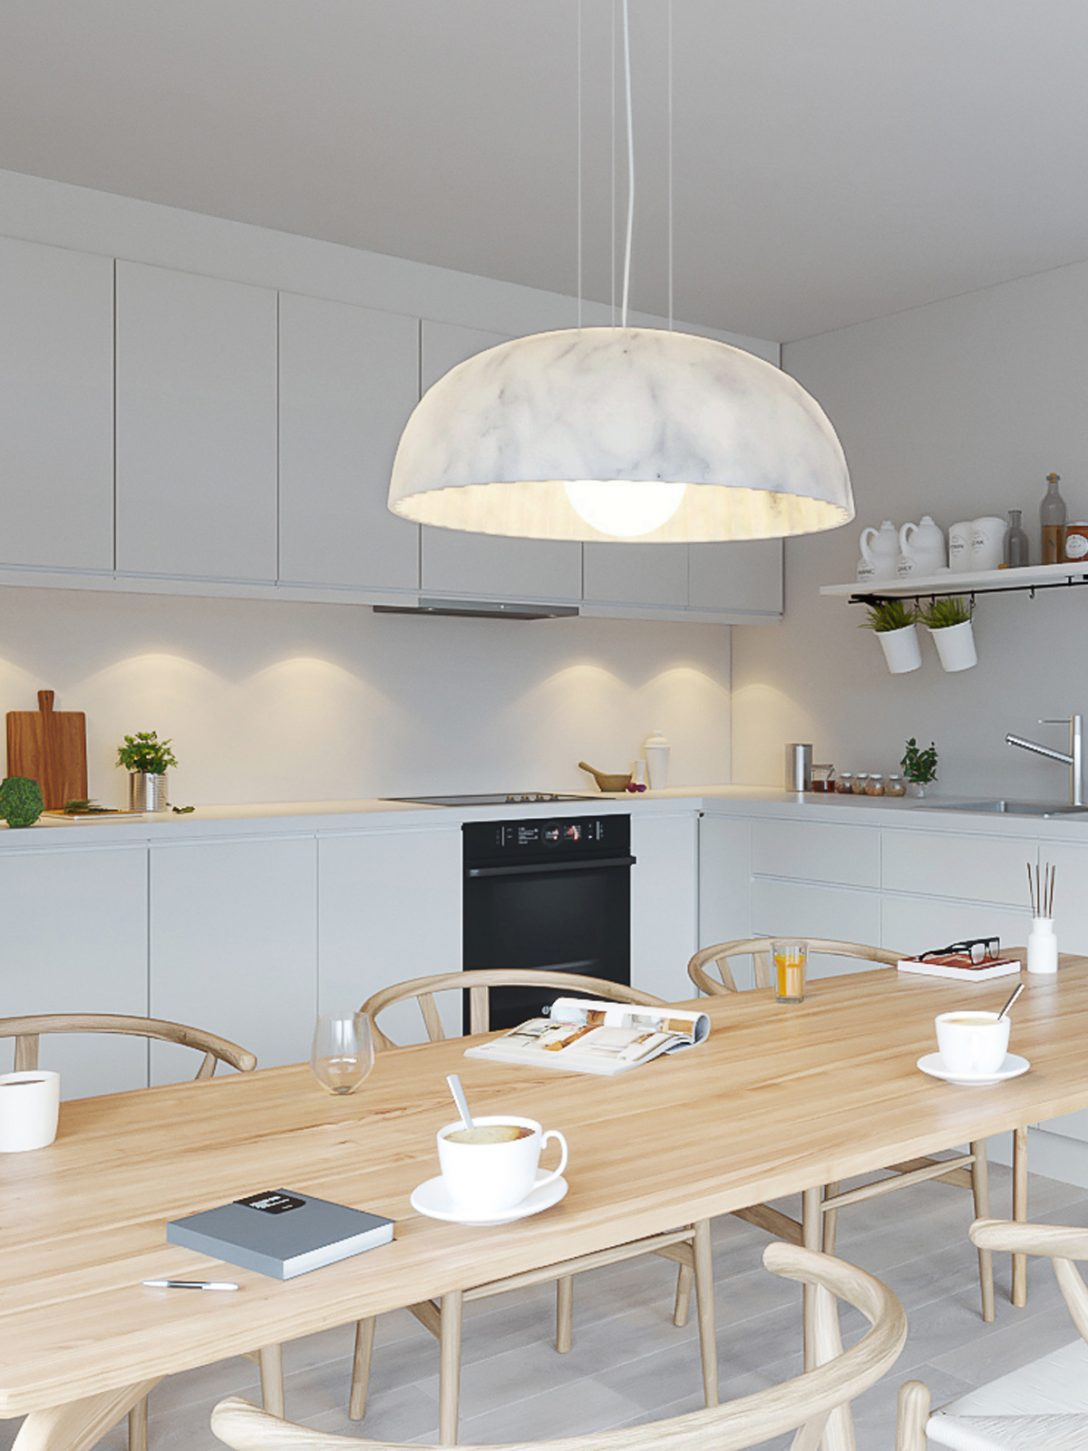 Large Size of Lampen Küche Landhaus Moderne Lampen Küche Lampen Küche Esszimmer Kabellose Lampen Küche Küche Lampen Küche